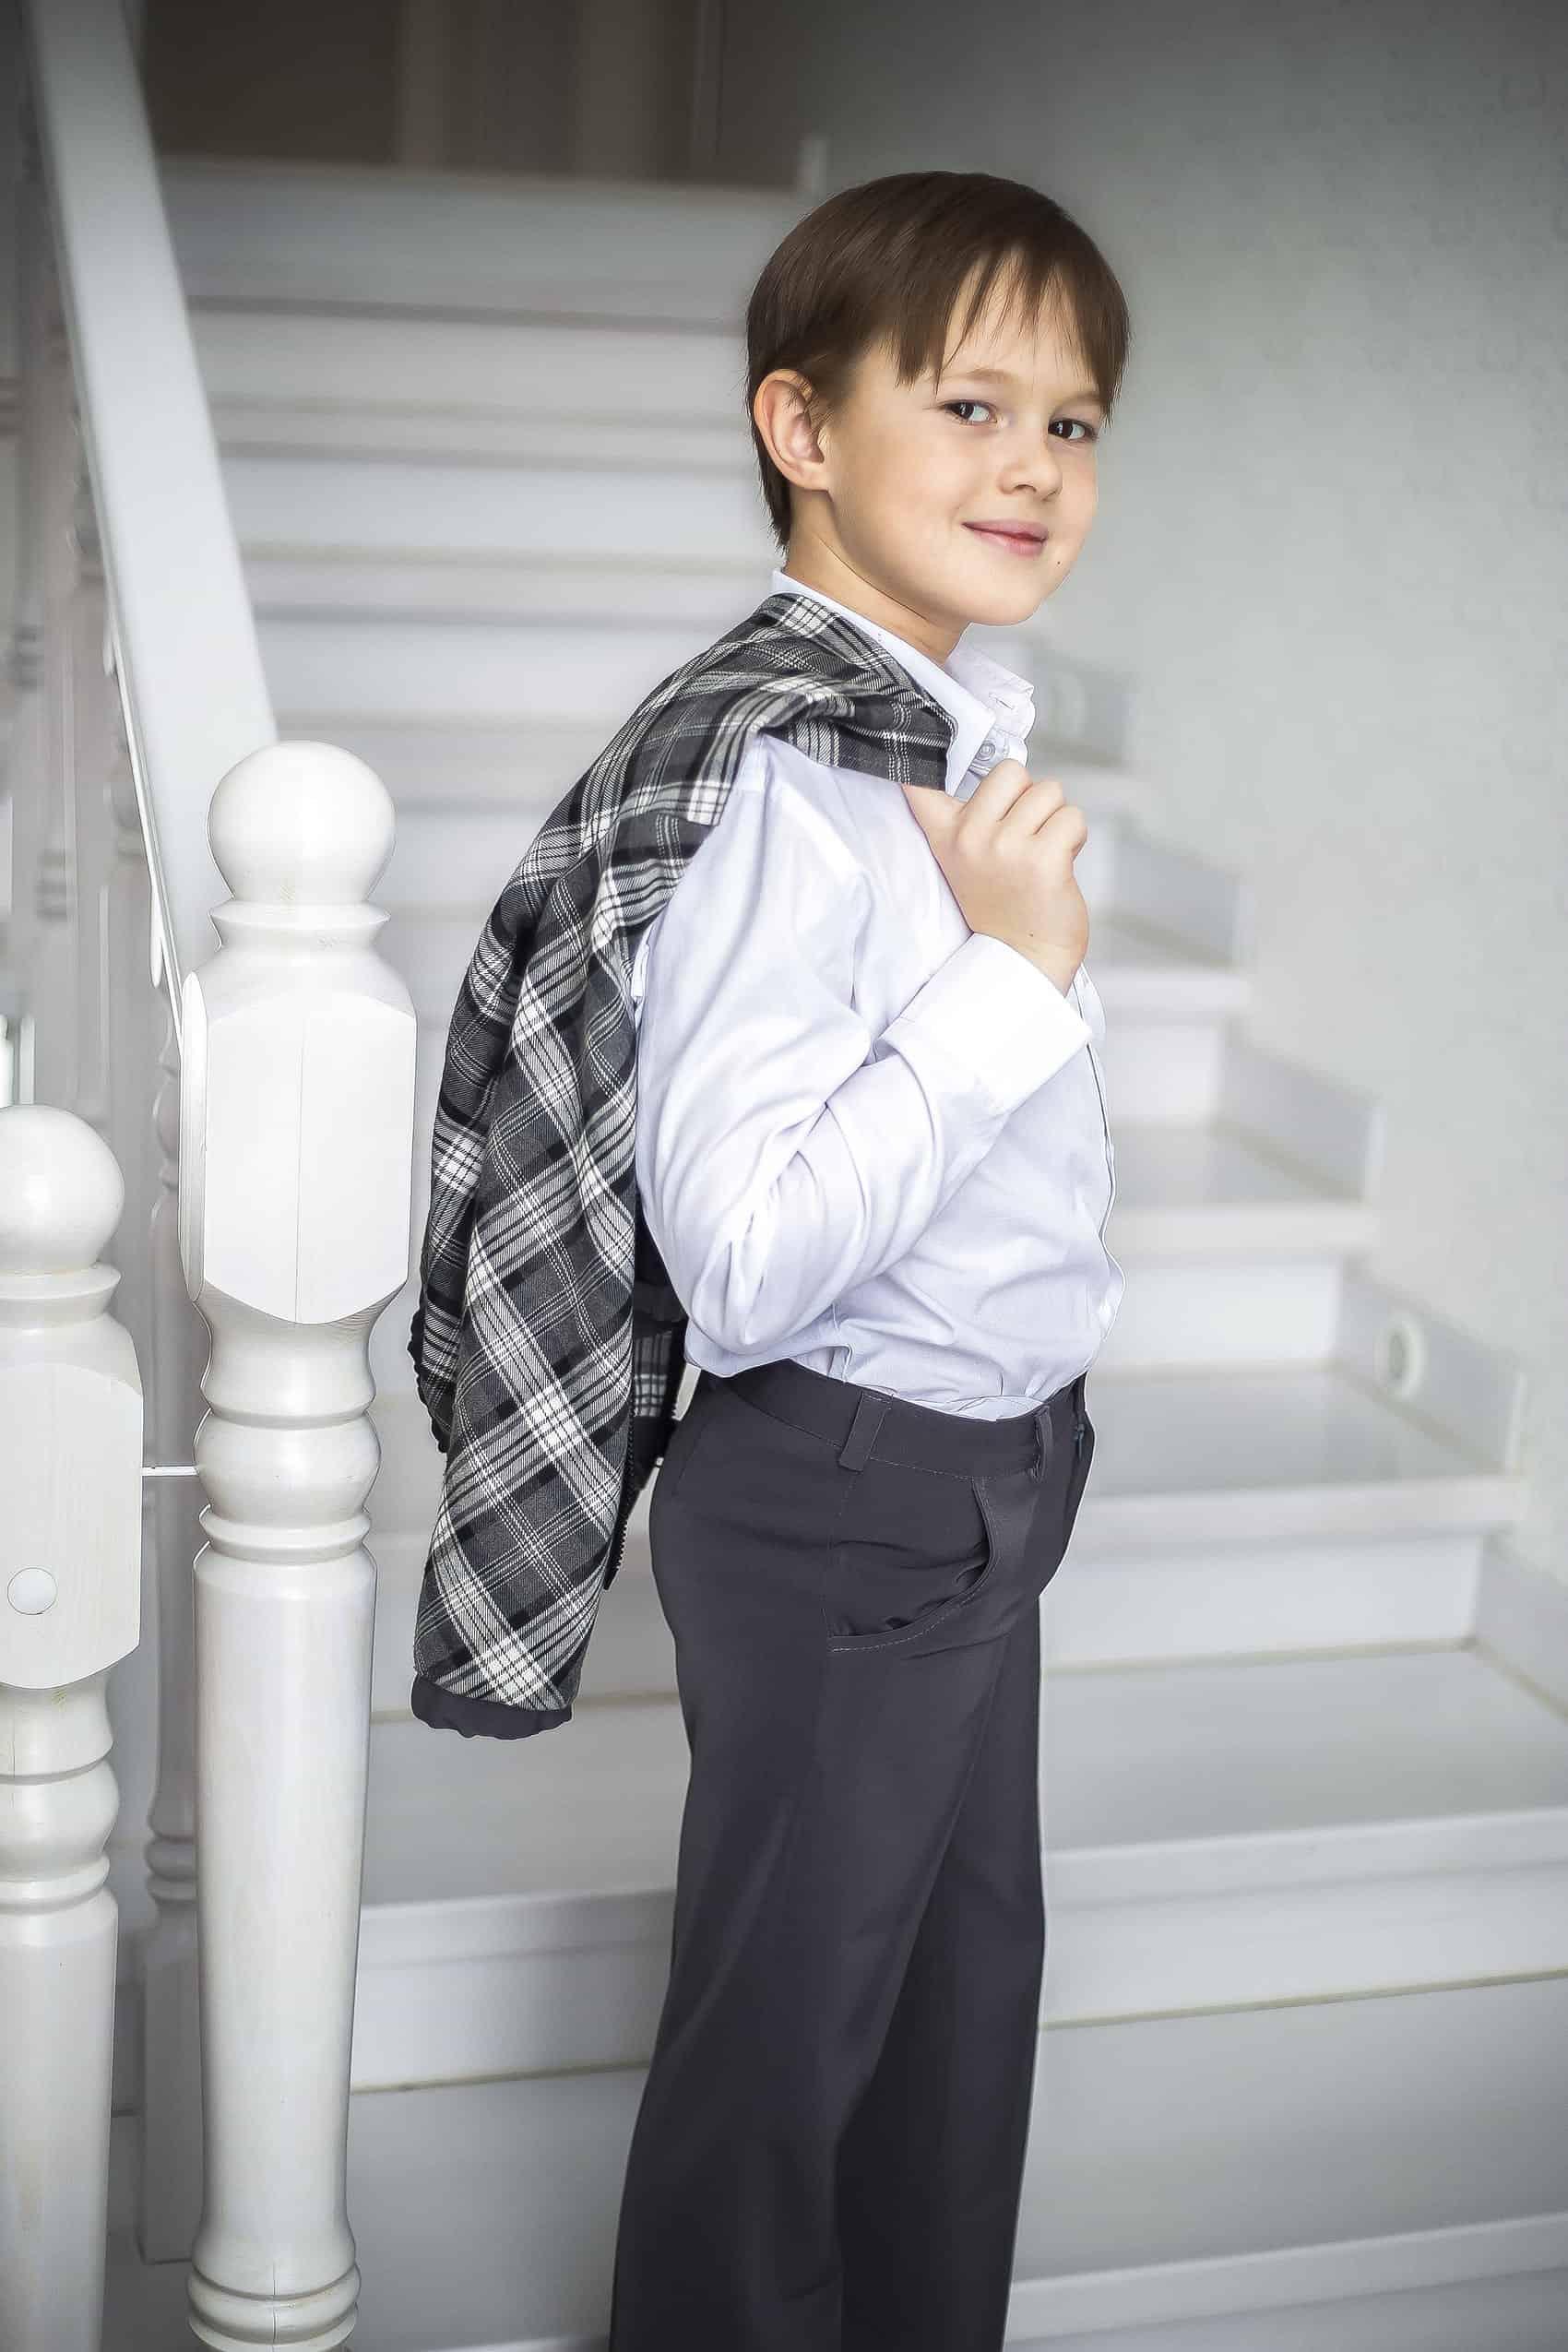 Тканевый костюм для мальчика в Челябинске, Магнитогорске, Учалах, Уфе, Белорецке